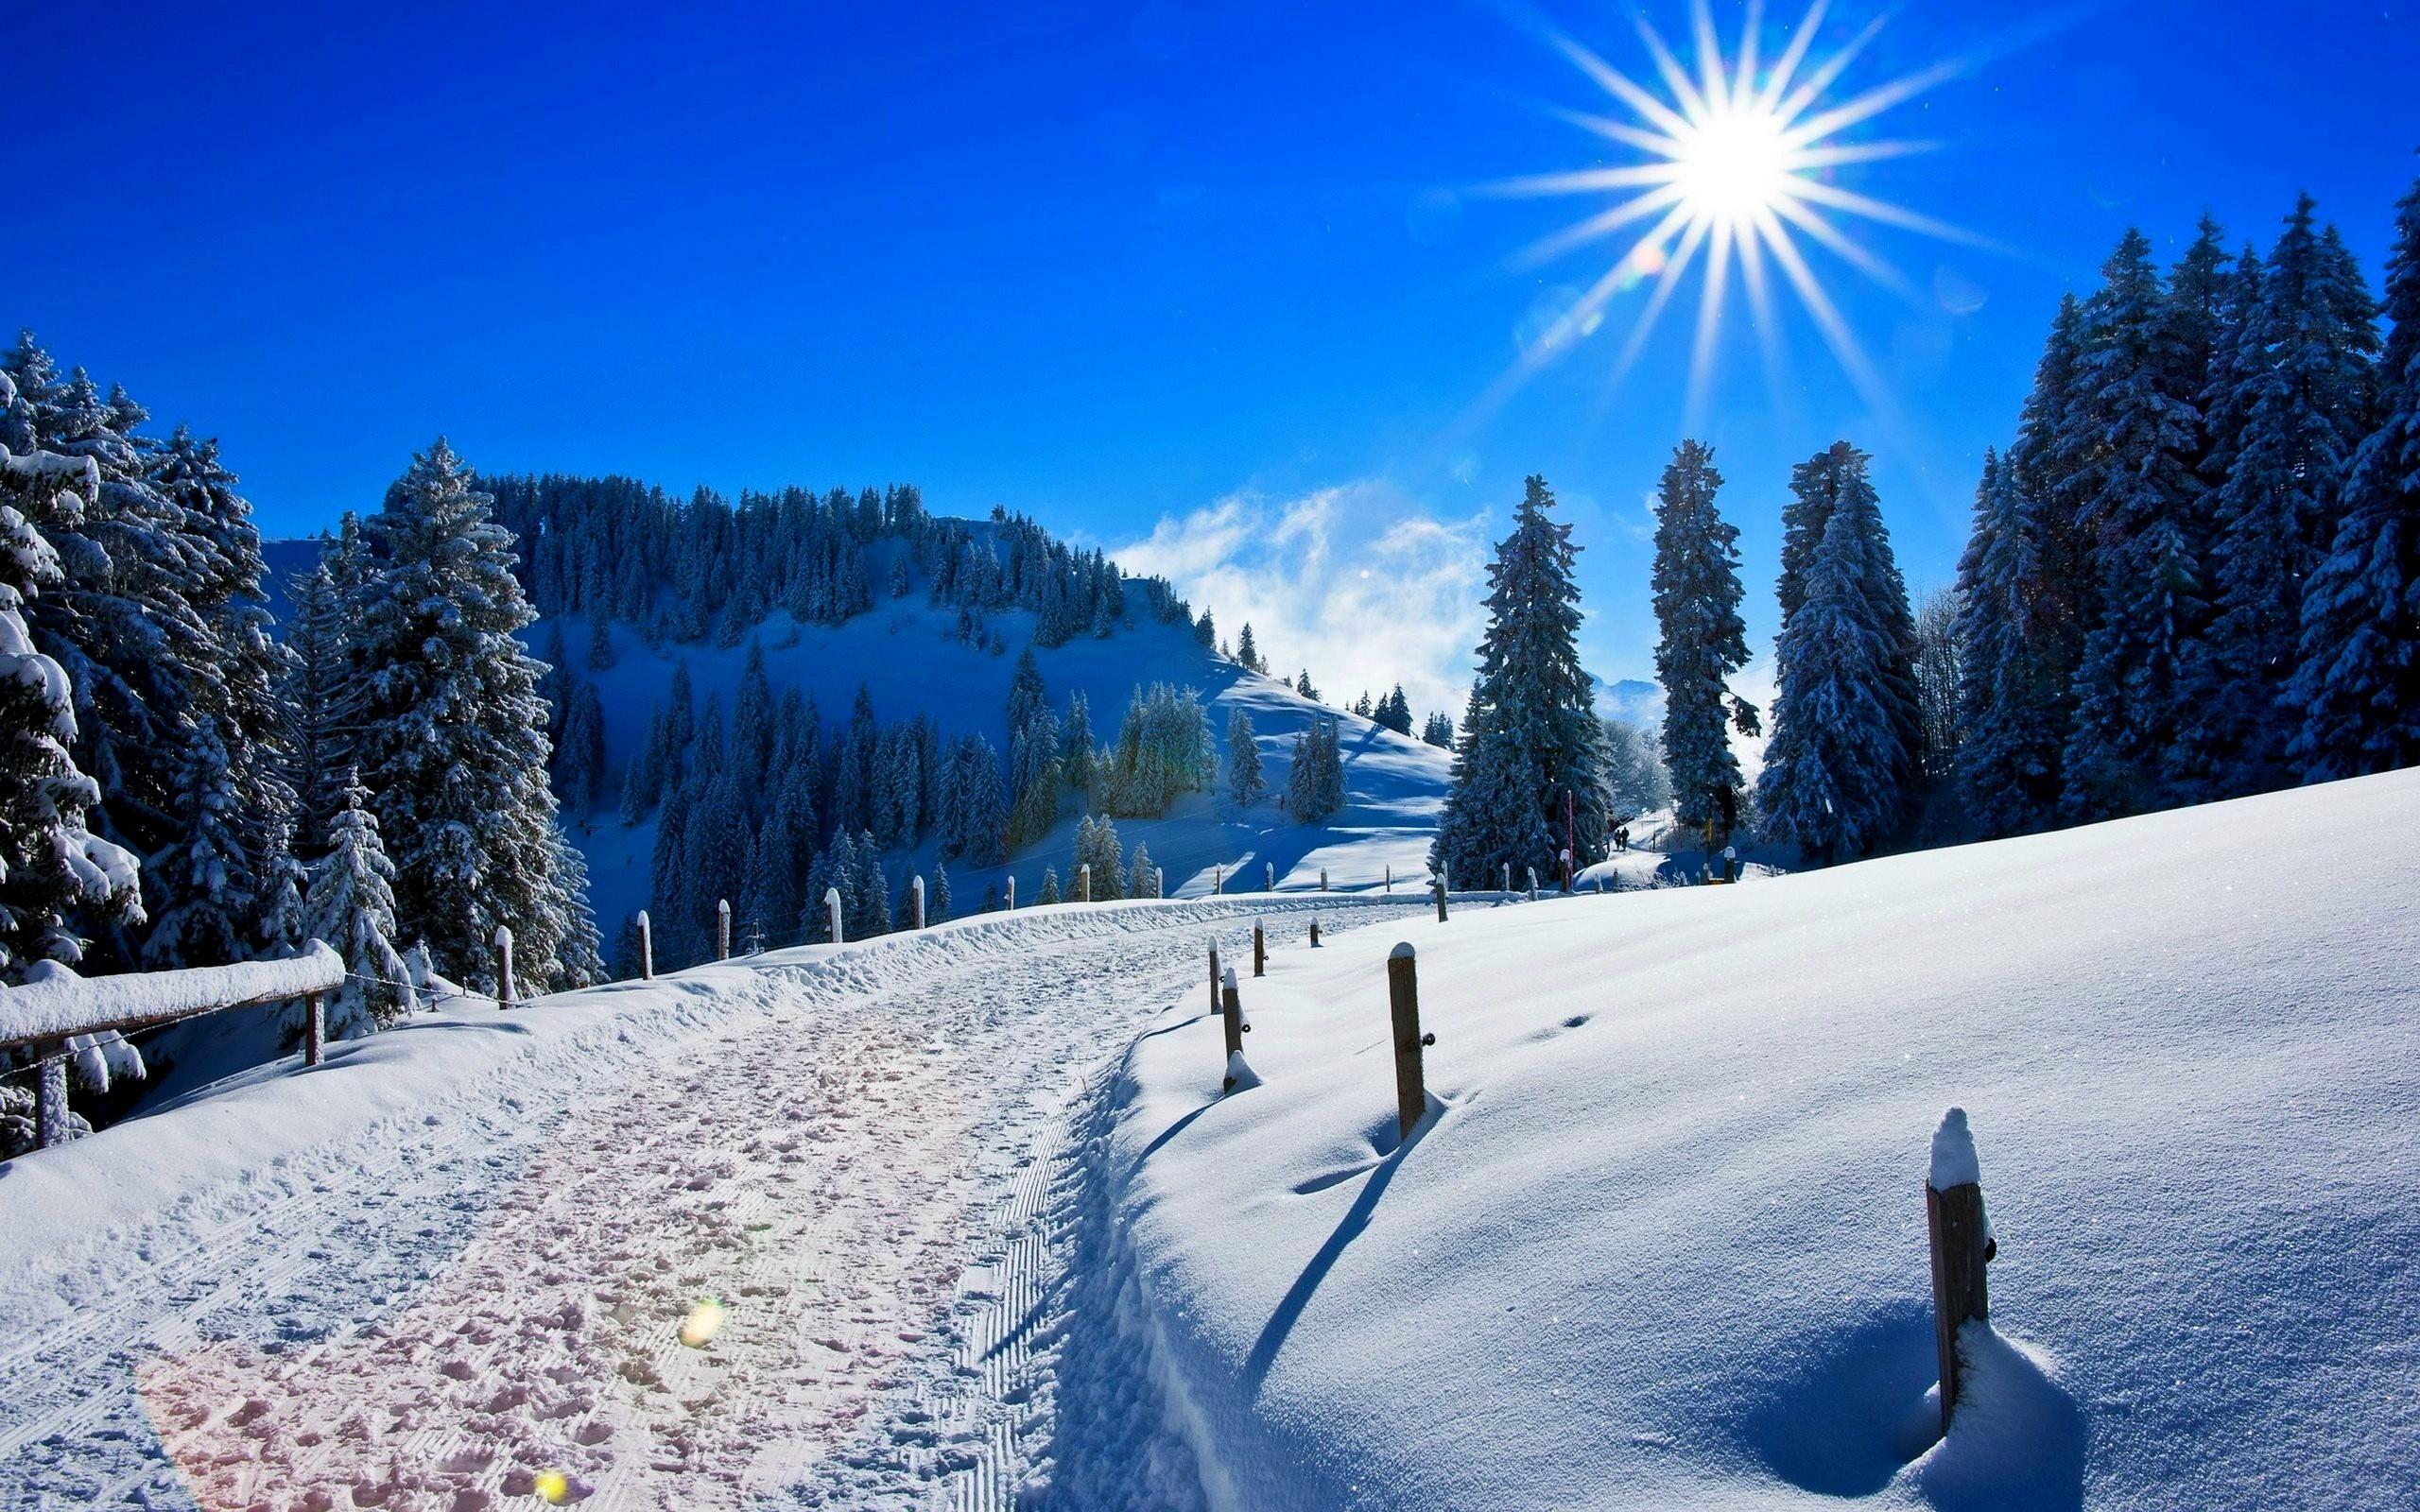 Картинка зимы красивая